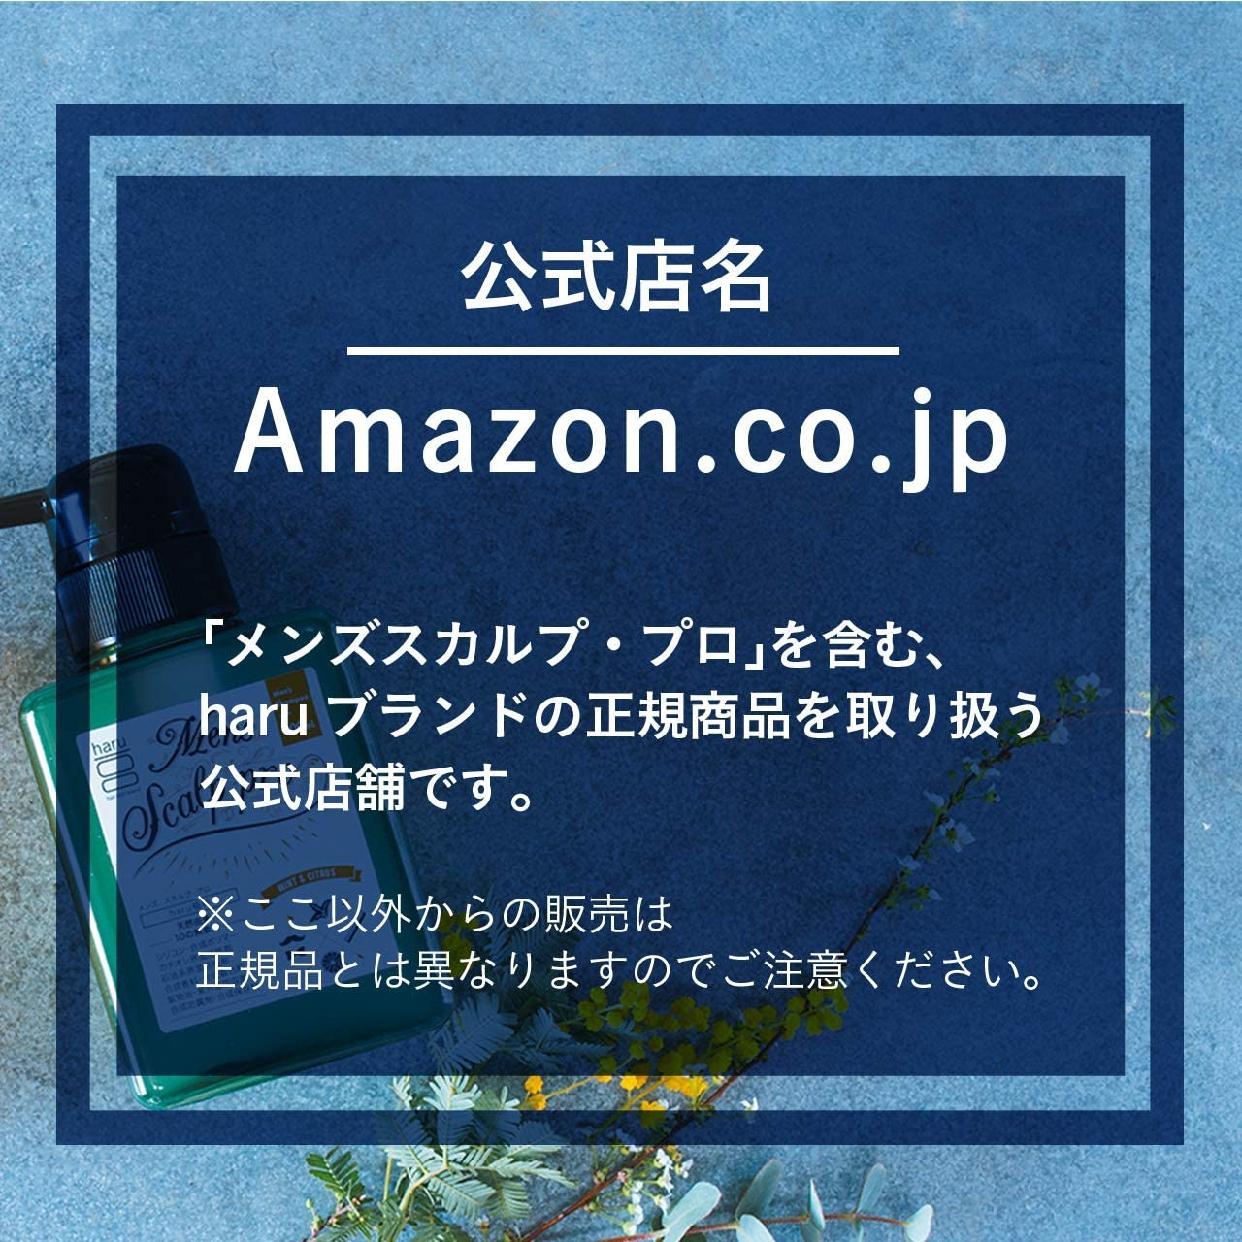 haru(ハル)メンズ スカルプ・プロの商品画像6